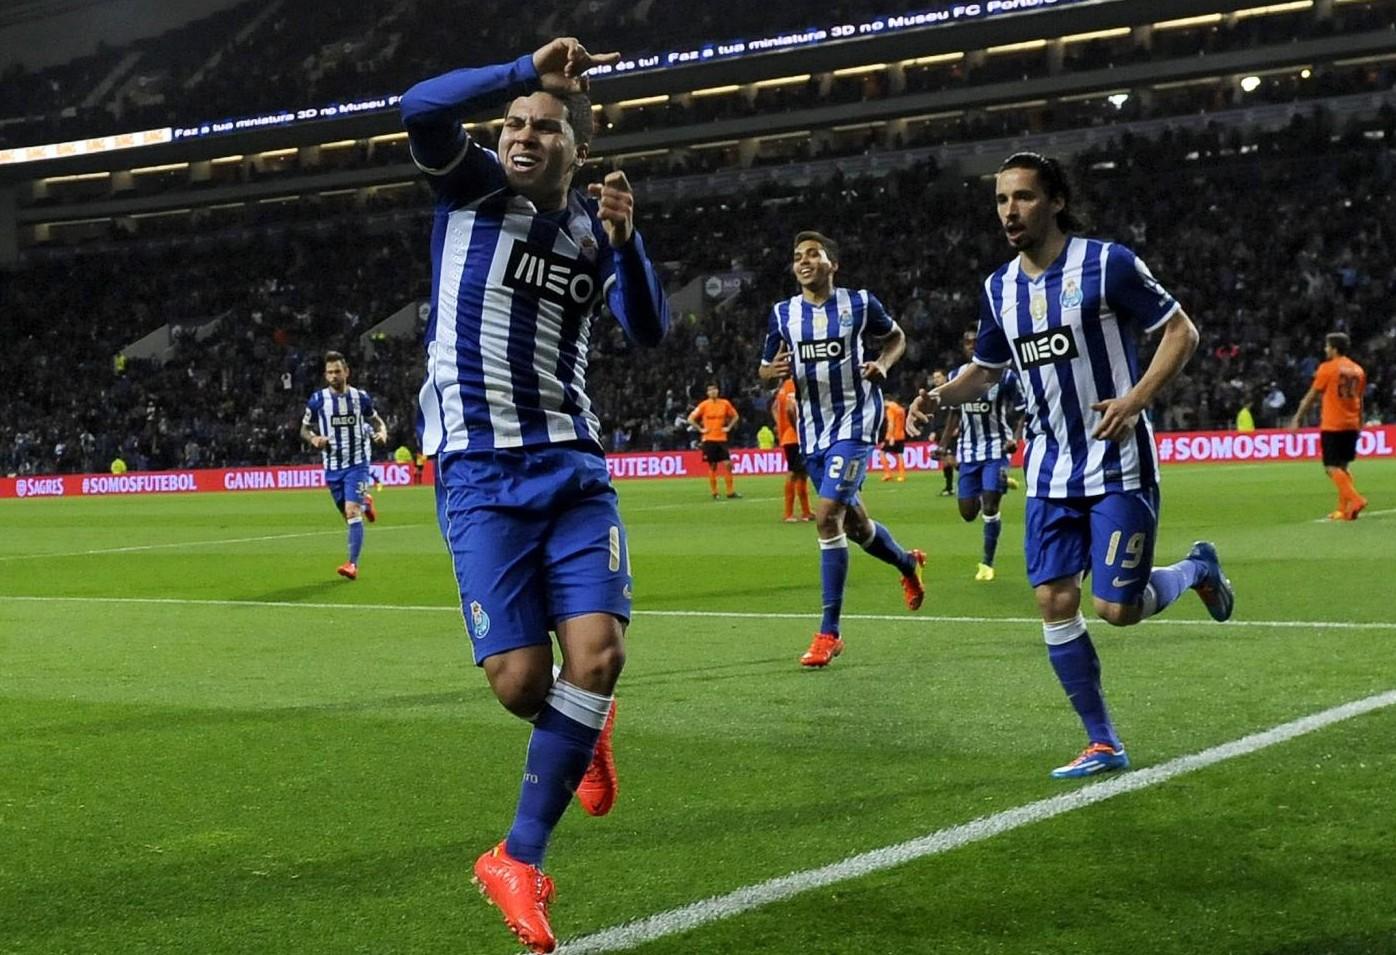 Europa League FC Porto-Rangers pronostico: squadre a pari punti